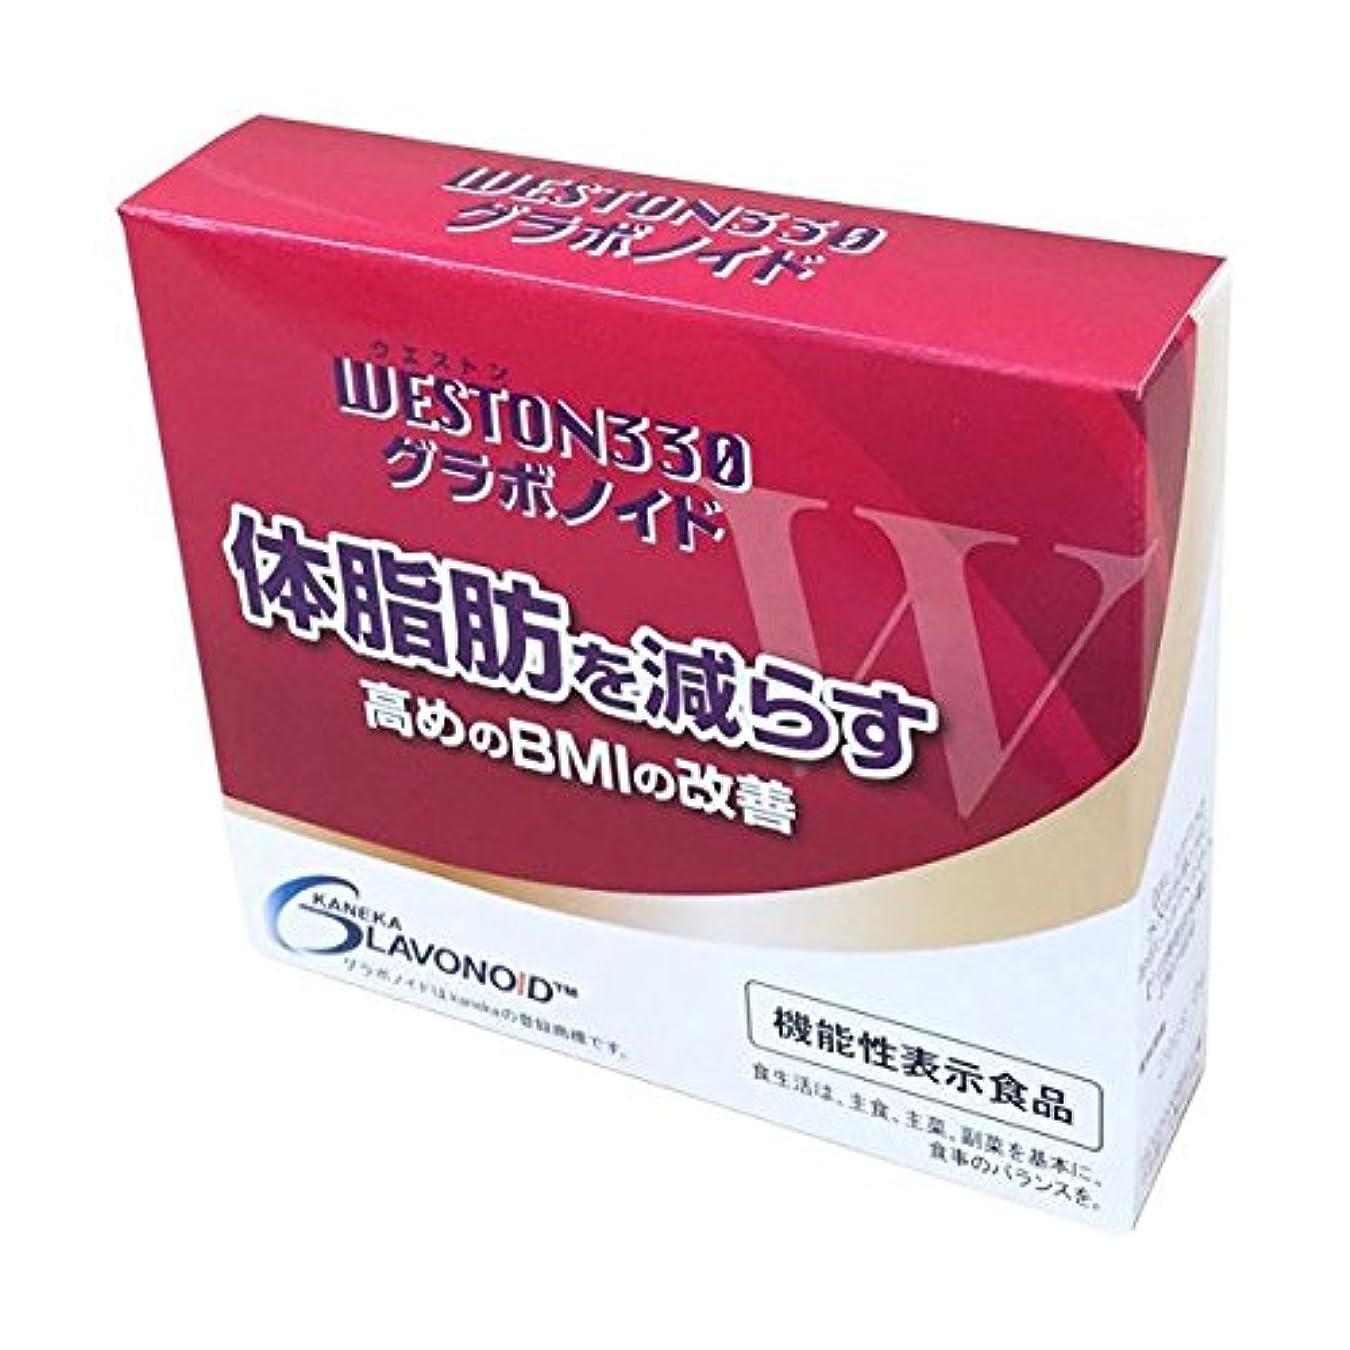 関与する抜け目のないエキスパートリマックスジャパン WESTON330 60粒 (30日分) x2箱 [機能性表示食品]